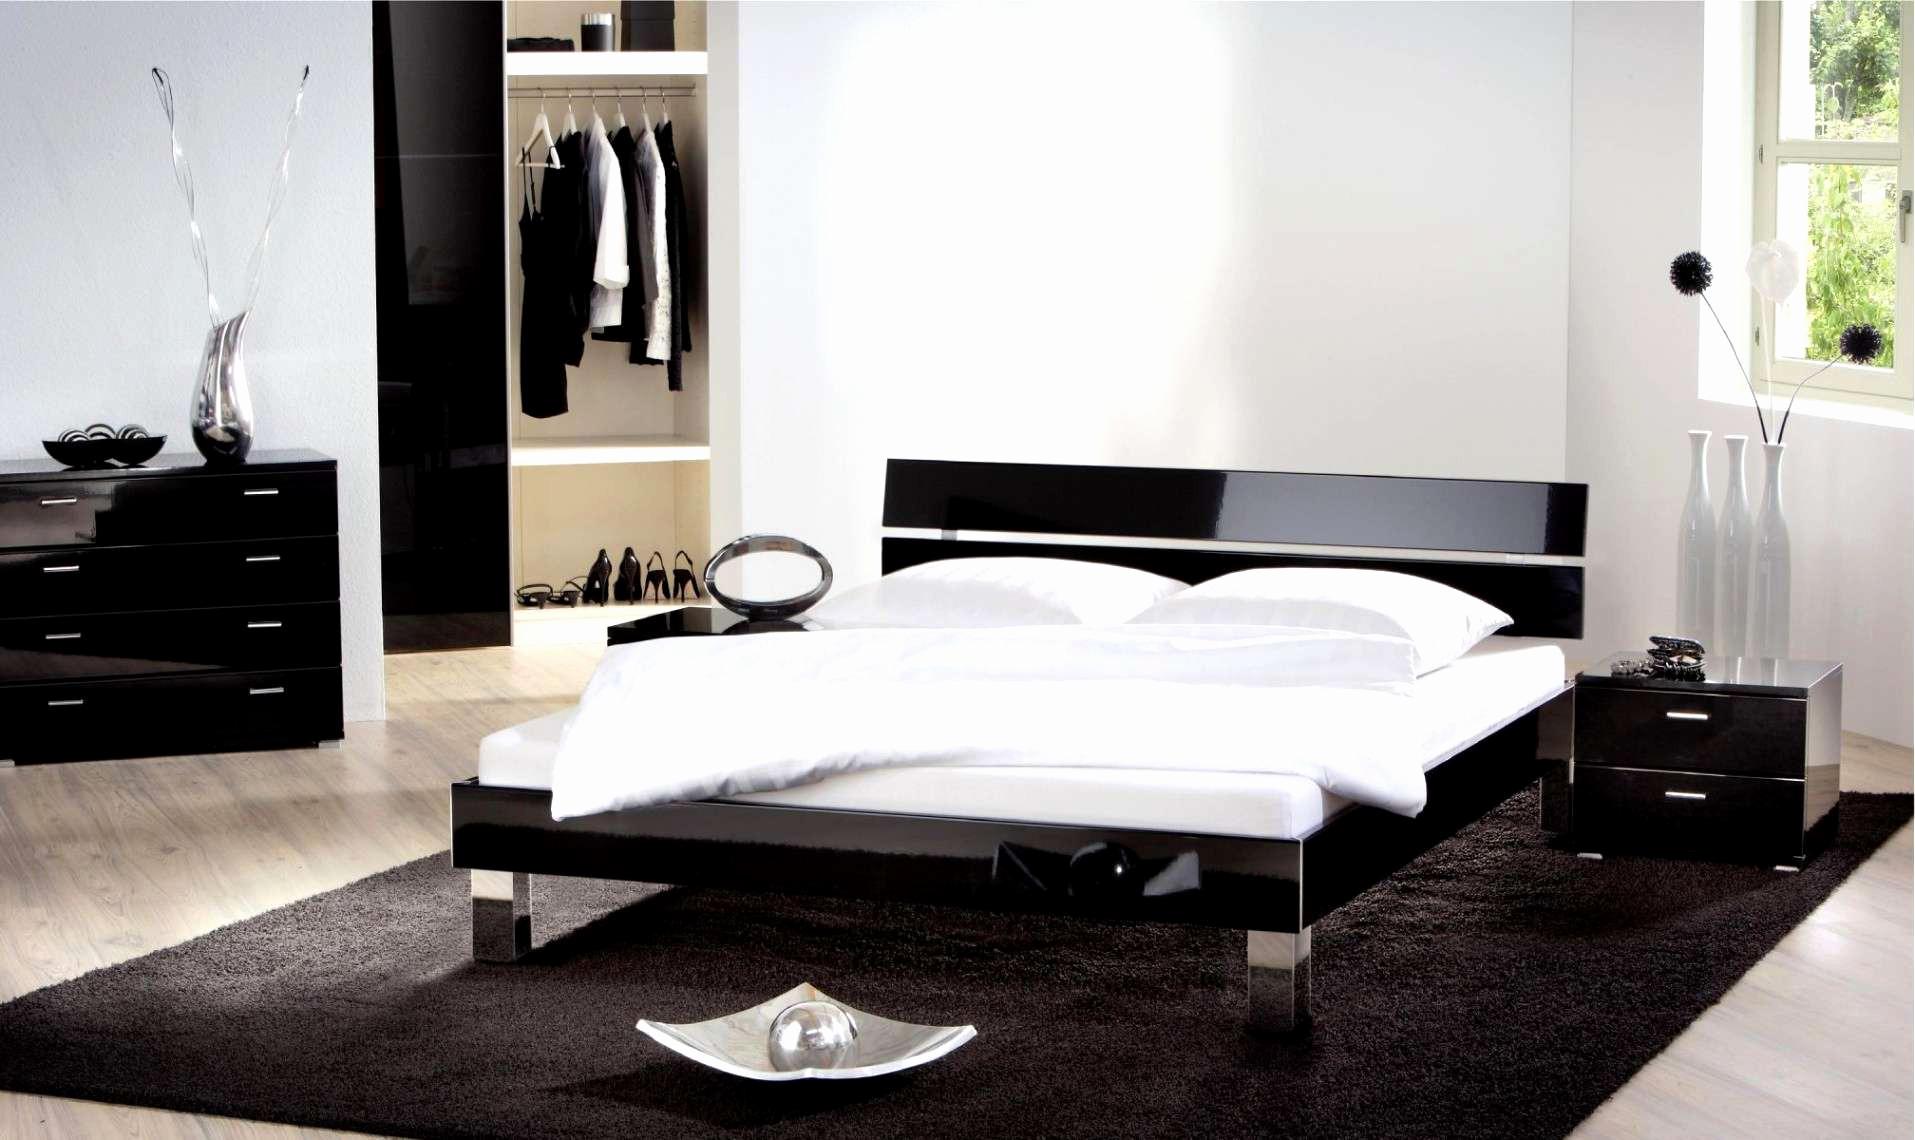 deko ideen mit pflanzen luxus deko ideen diy attraktiv regal schlafzimmer 0d archives neu deko of deko ideen mit pflanzen